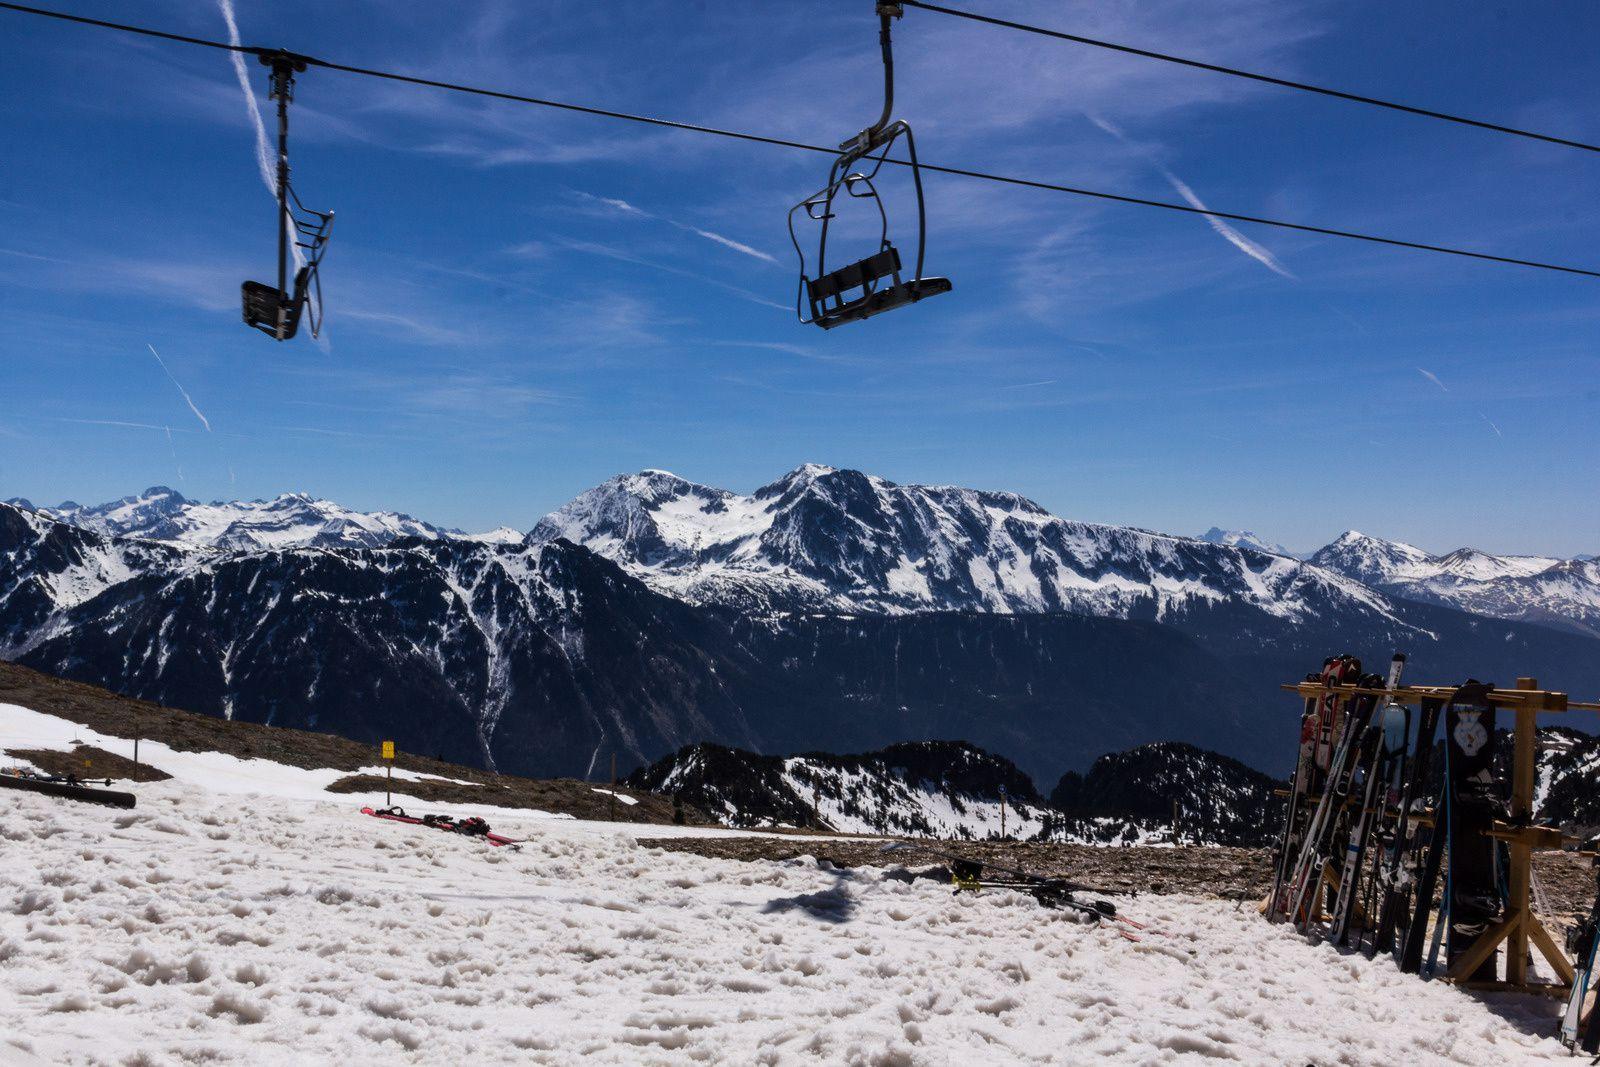 Une station de ski alors que t'as pas de skis, forcément ça limite le champ des possibles.